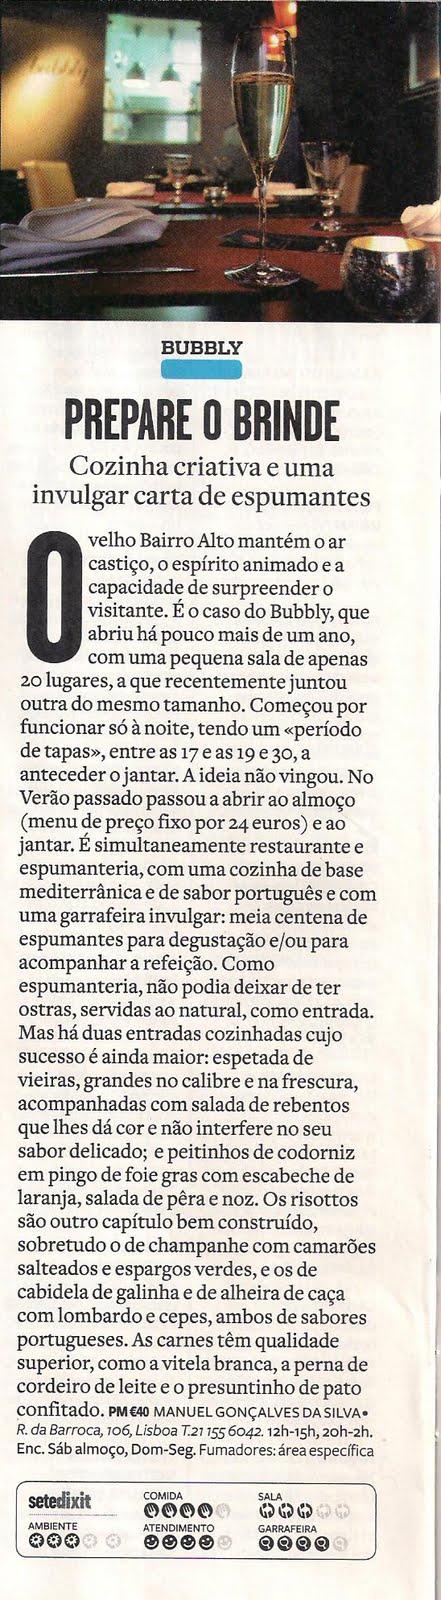 Crítica na Revista VISÃO - Março 2010 por Manuel Gonçalves da Silva